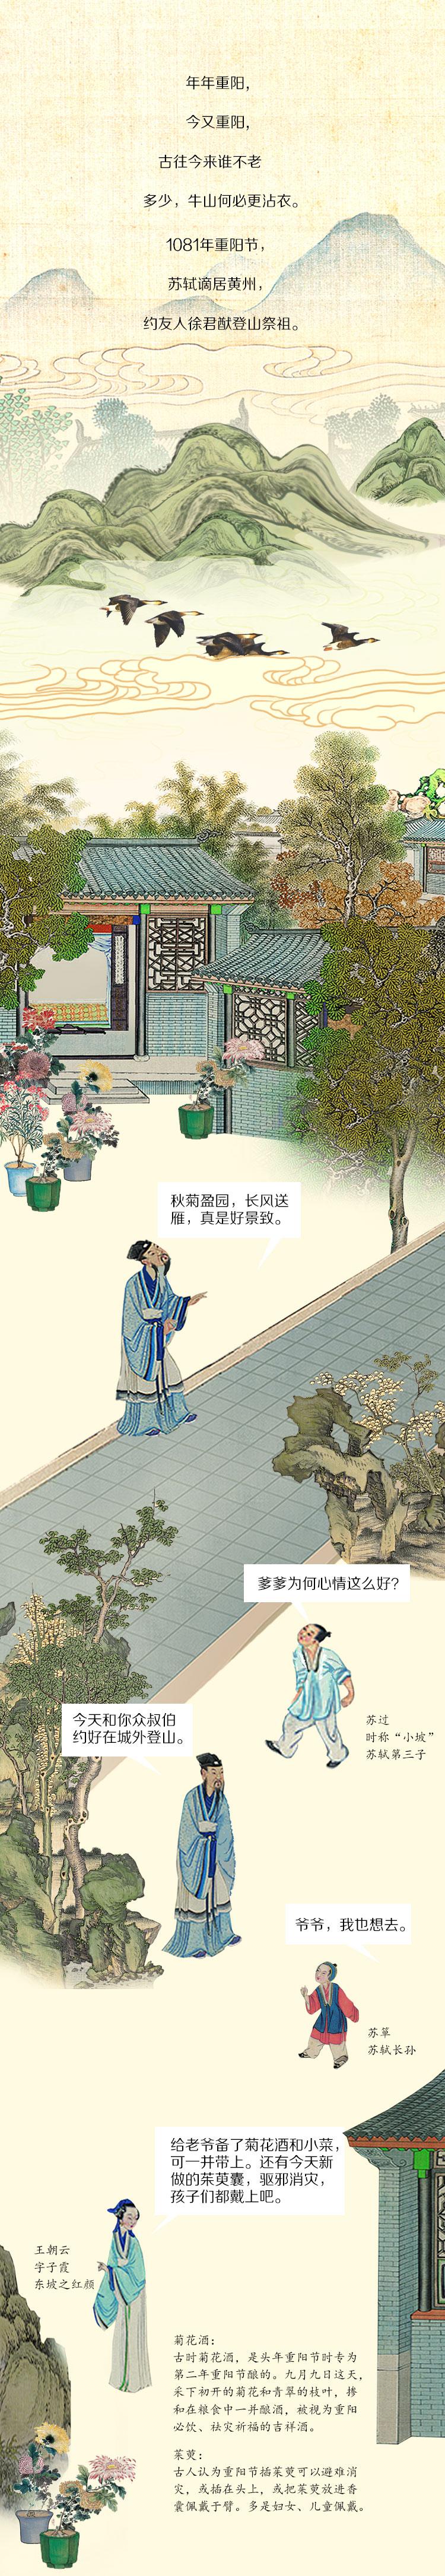 重阳节,苏轼登高远眺许下一个心愿